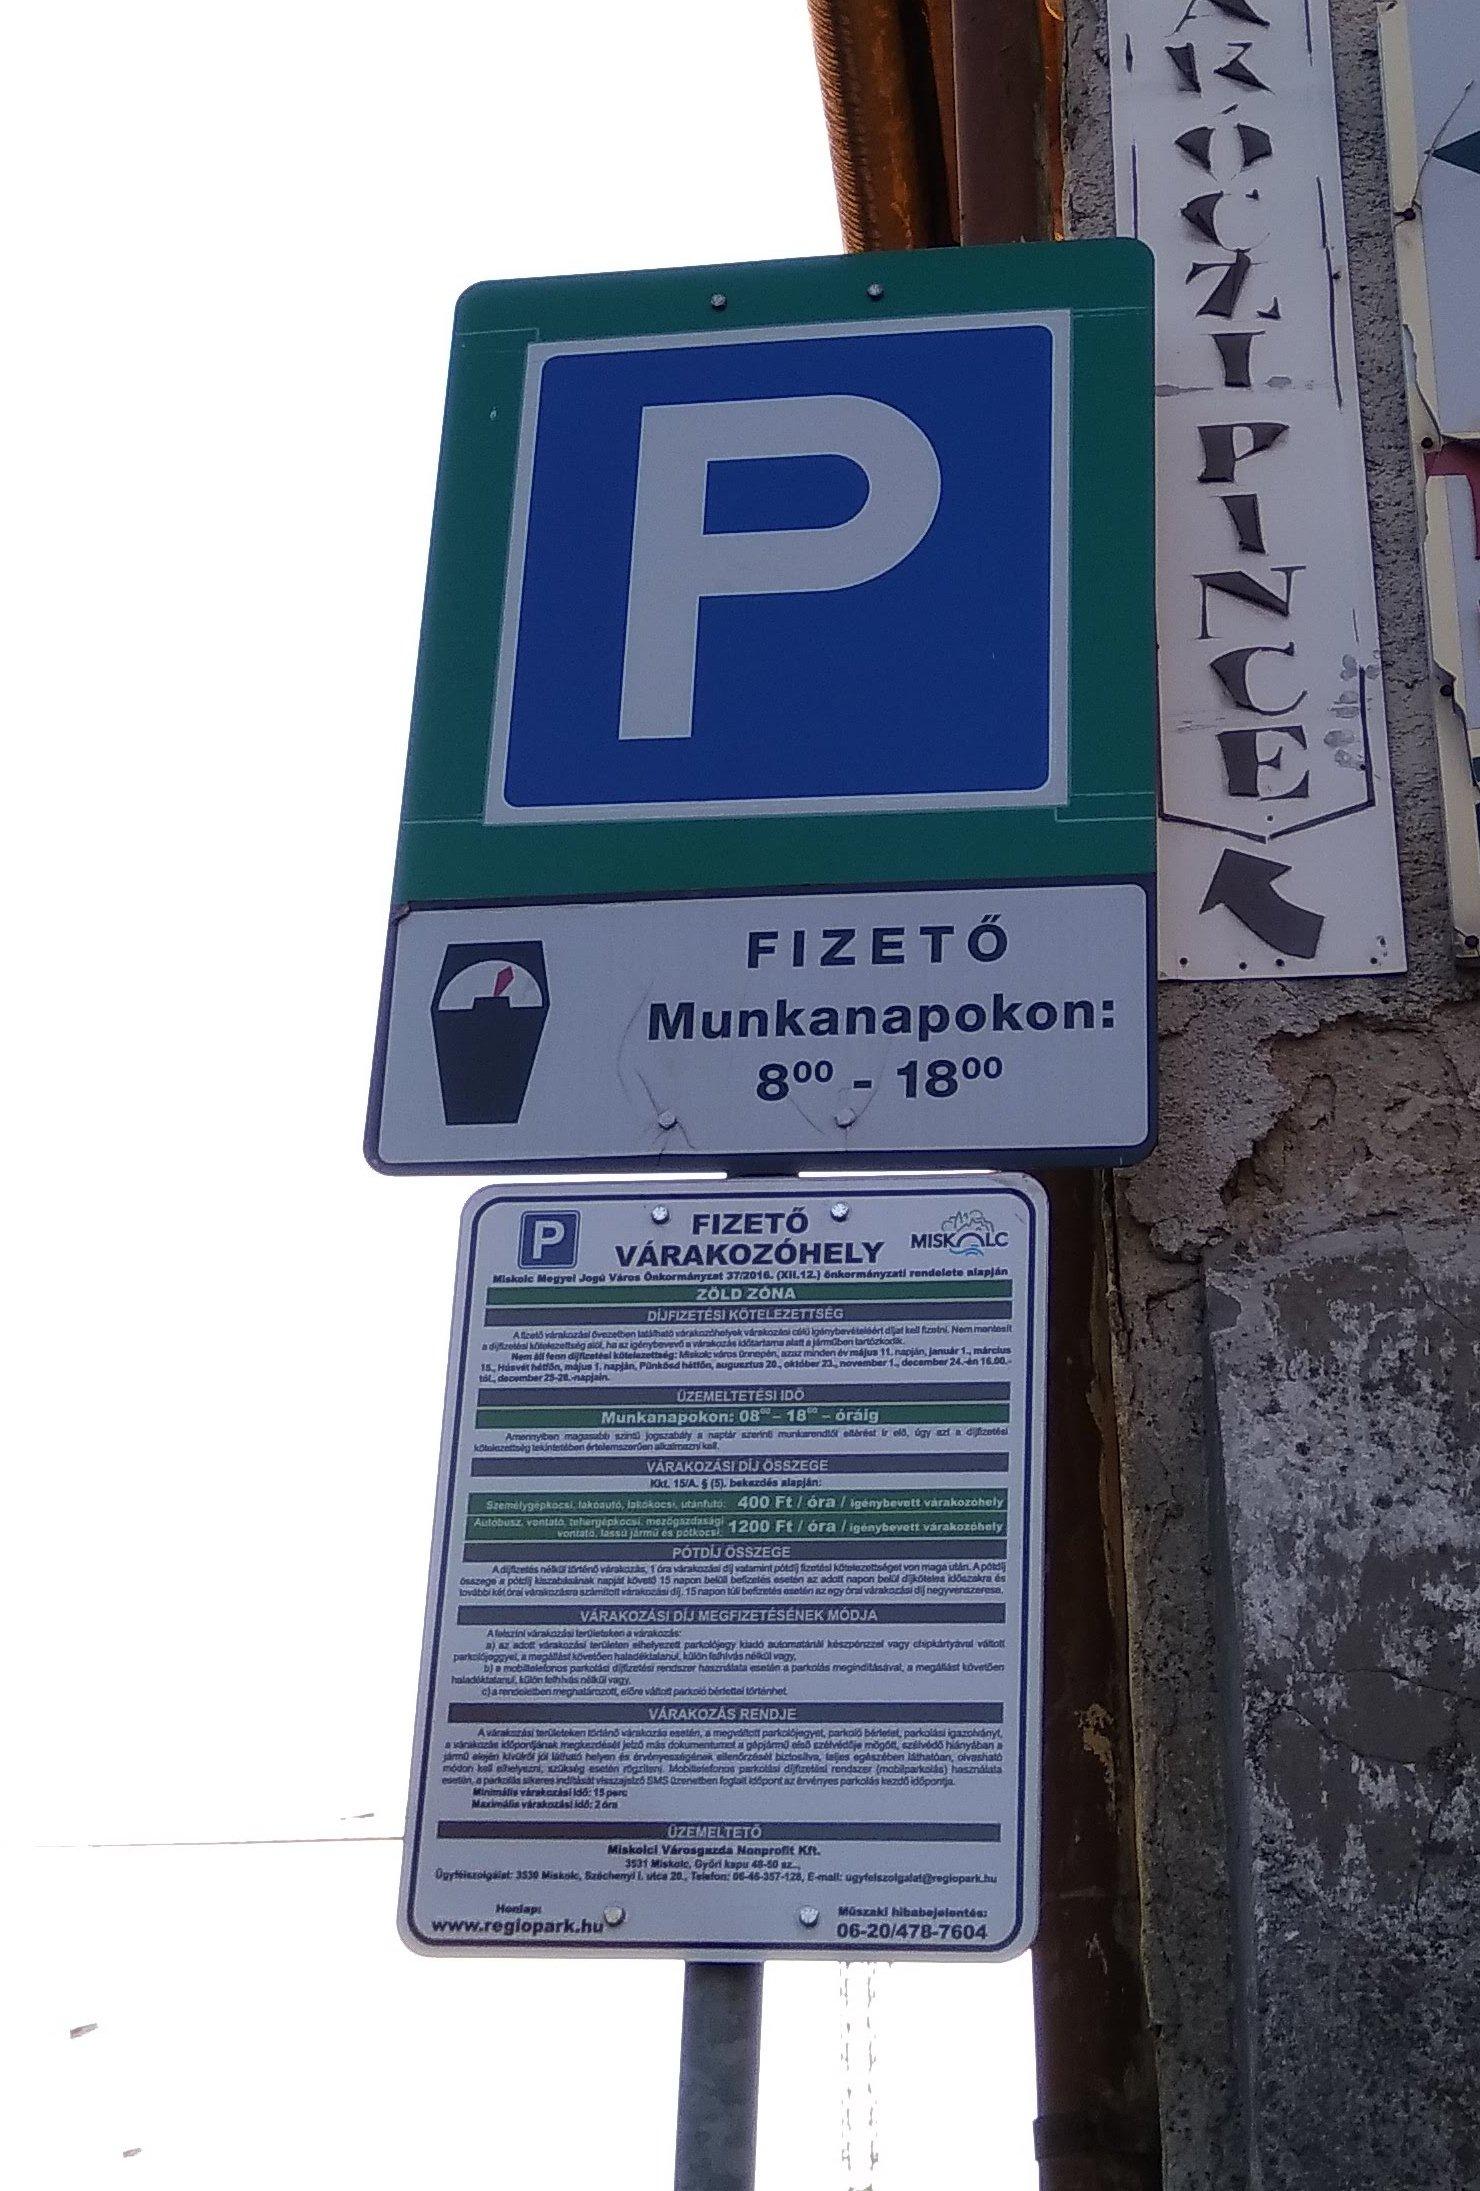 Знак платной парковки в историческом центре г. Мишкольц